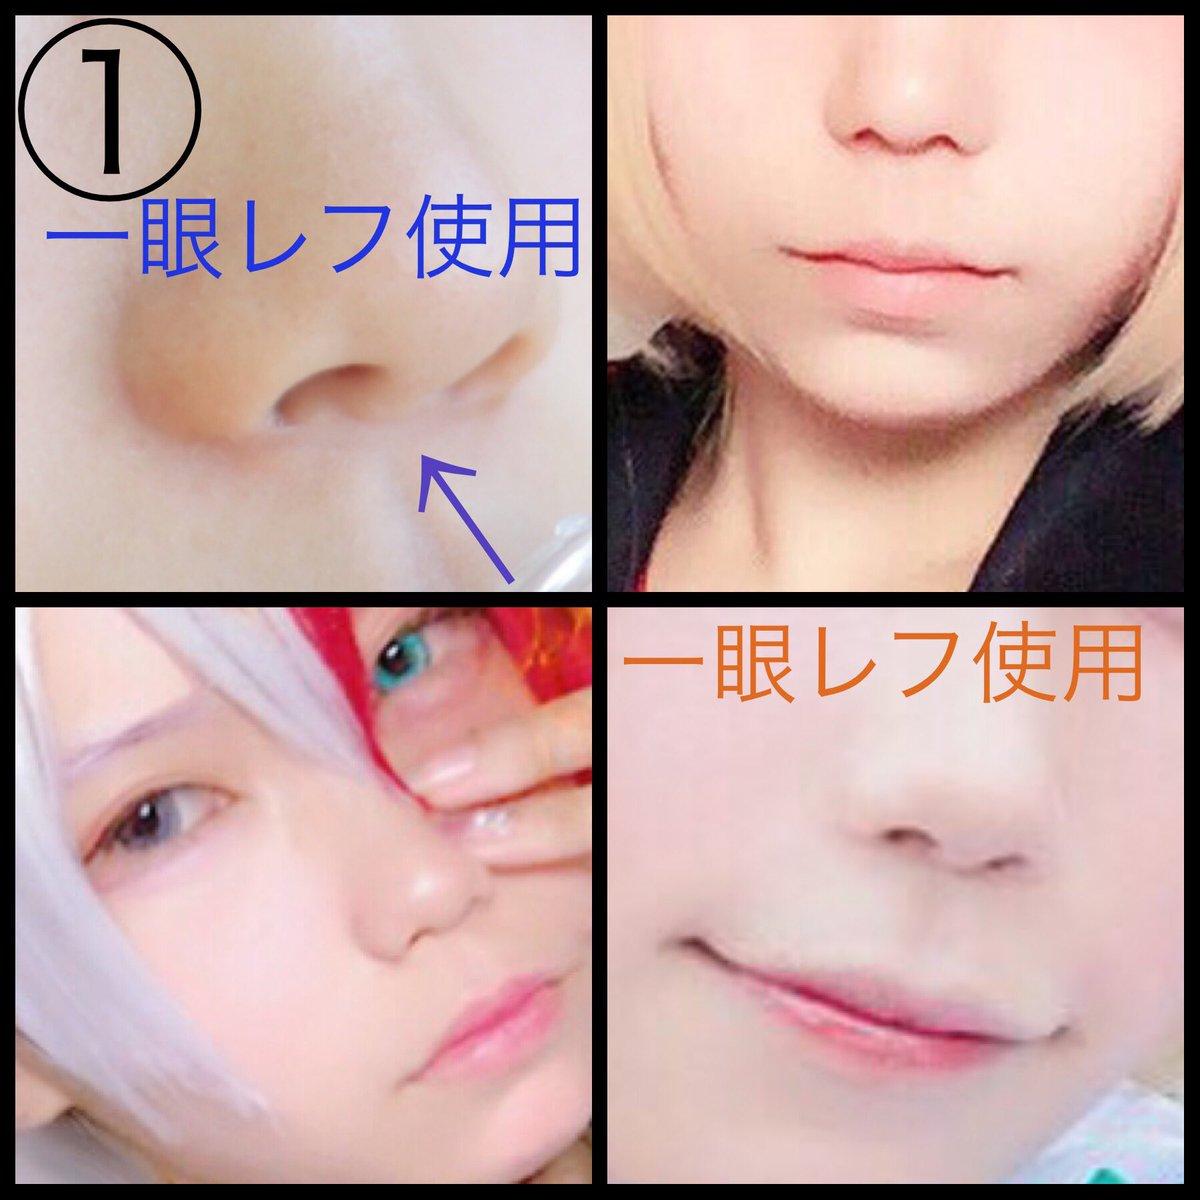 小さく 方法 する の 鼻 穴